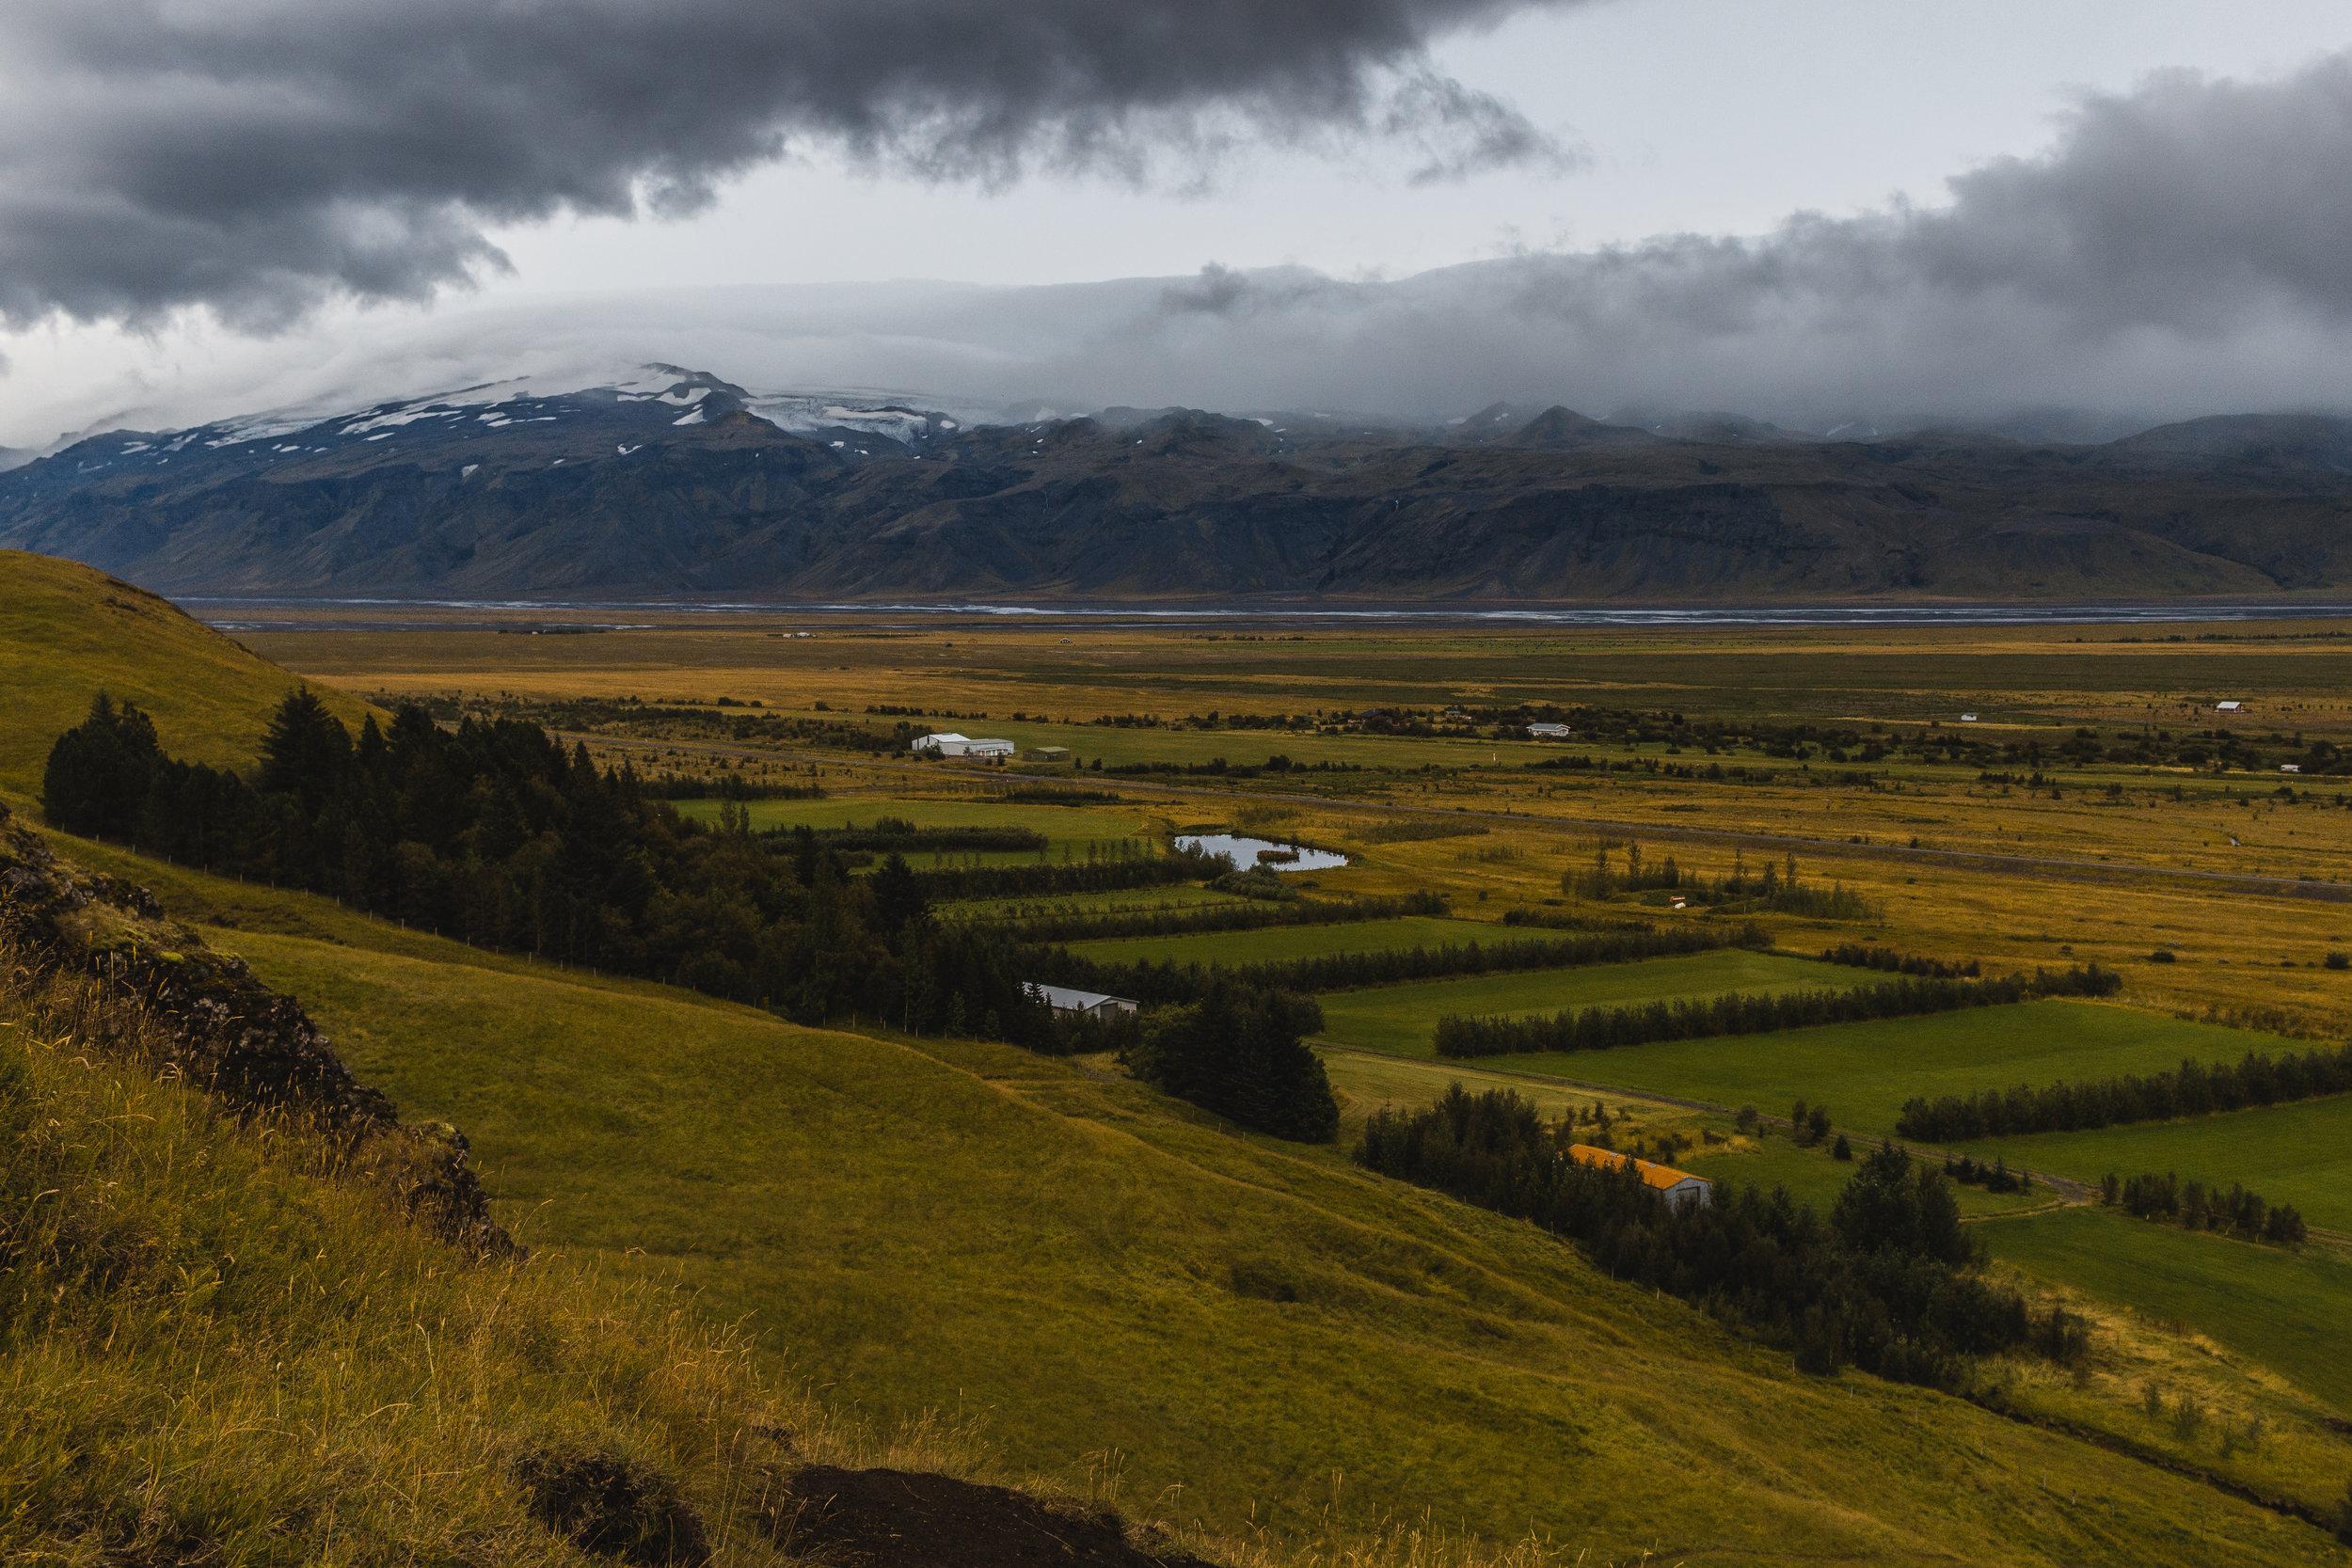 Þórsmörk (Thorsmork) from a mountainside